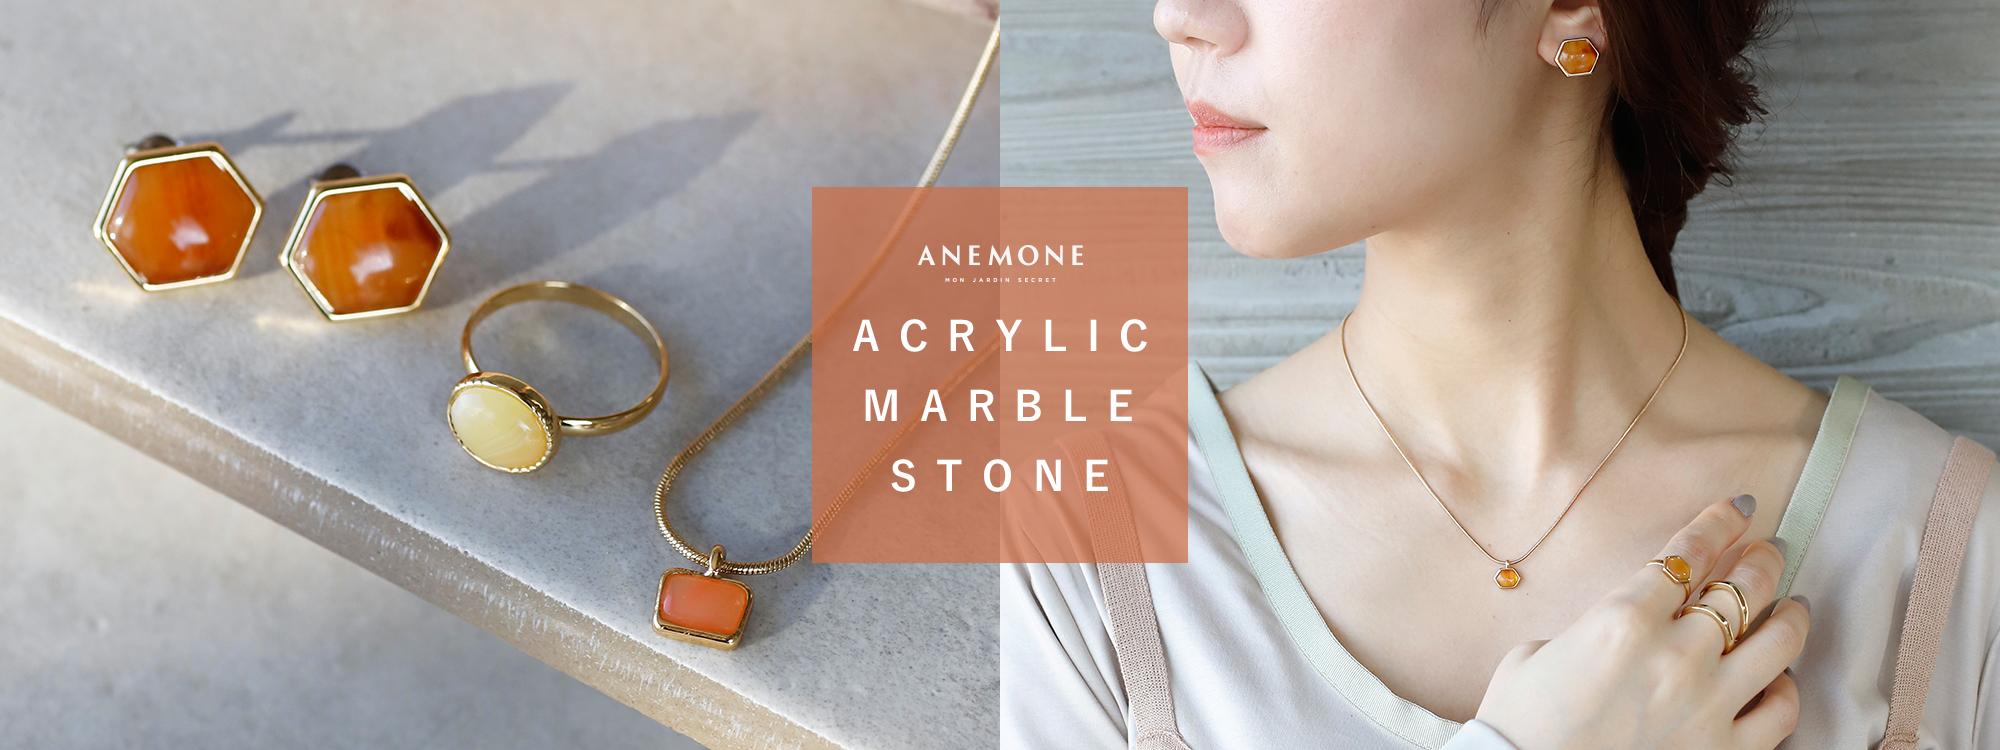 acrylicstone